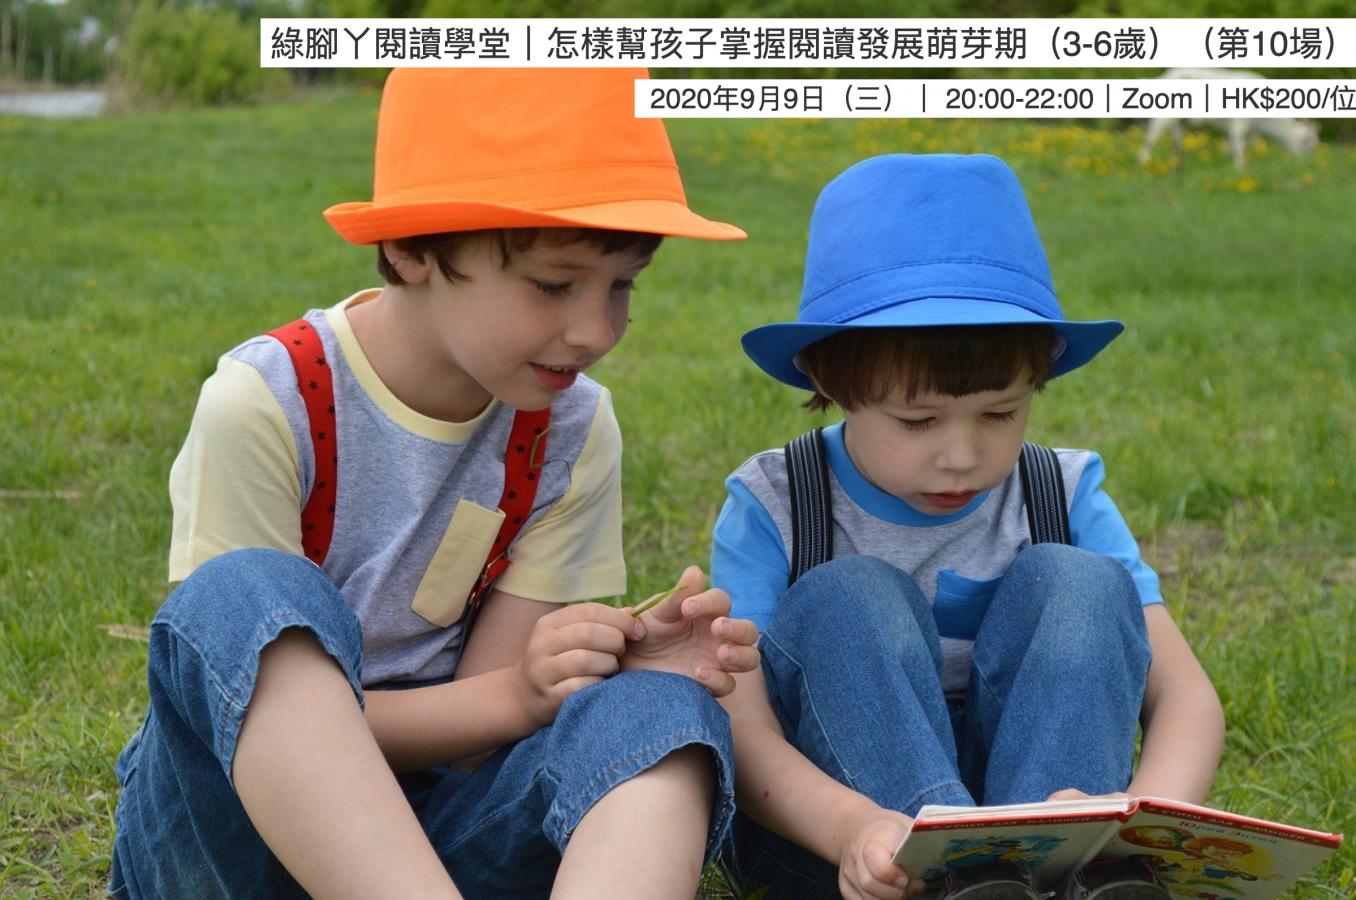 綠腳丫閱讀學堂|怎樣幫孩子掌握閱讀發展萌芽期(3-6歲)(第10場)